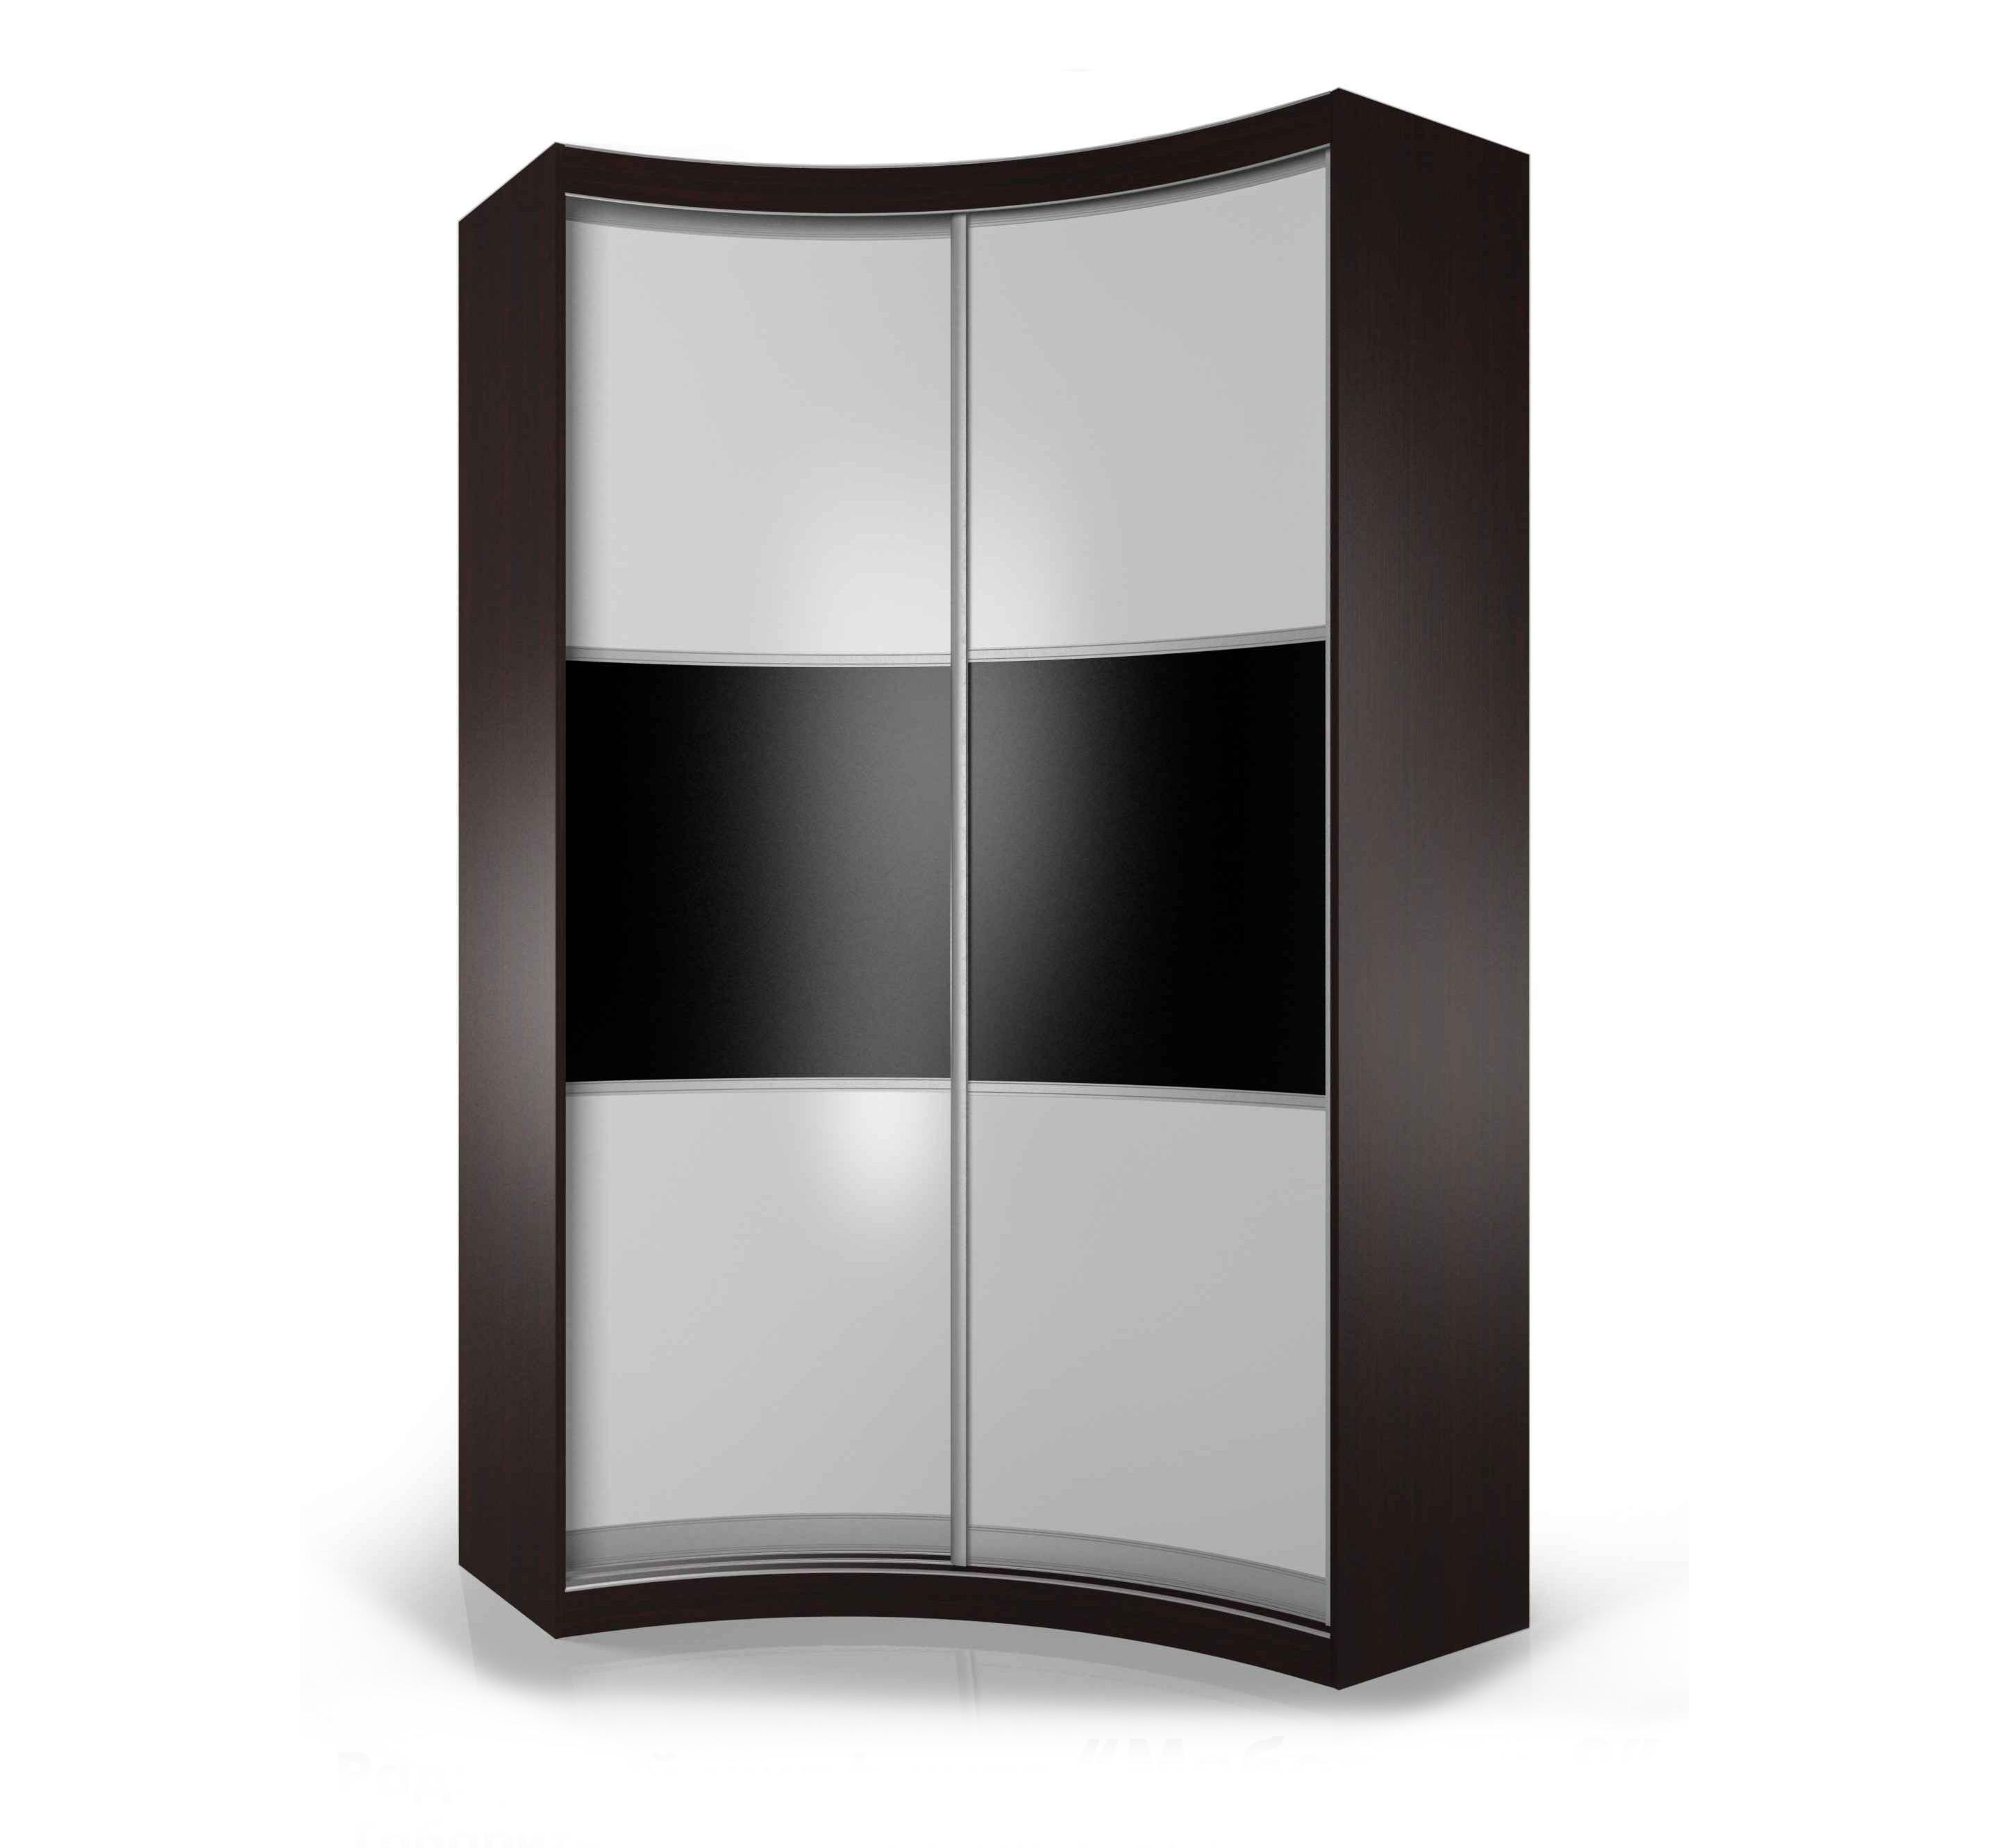 Радиусный шкаф-купе мебелайн-14 купить в интернет-магазине, .